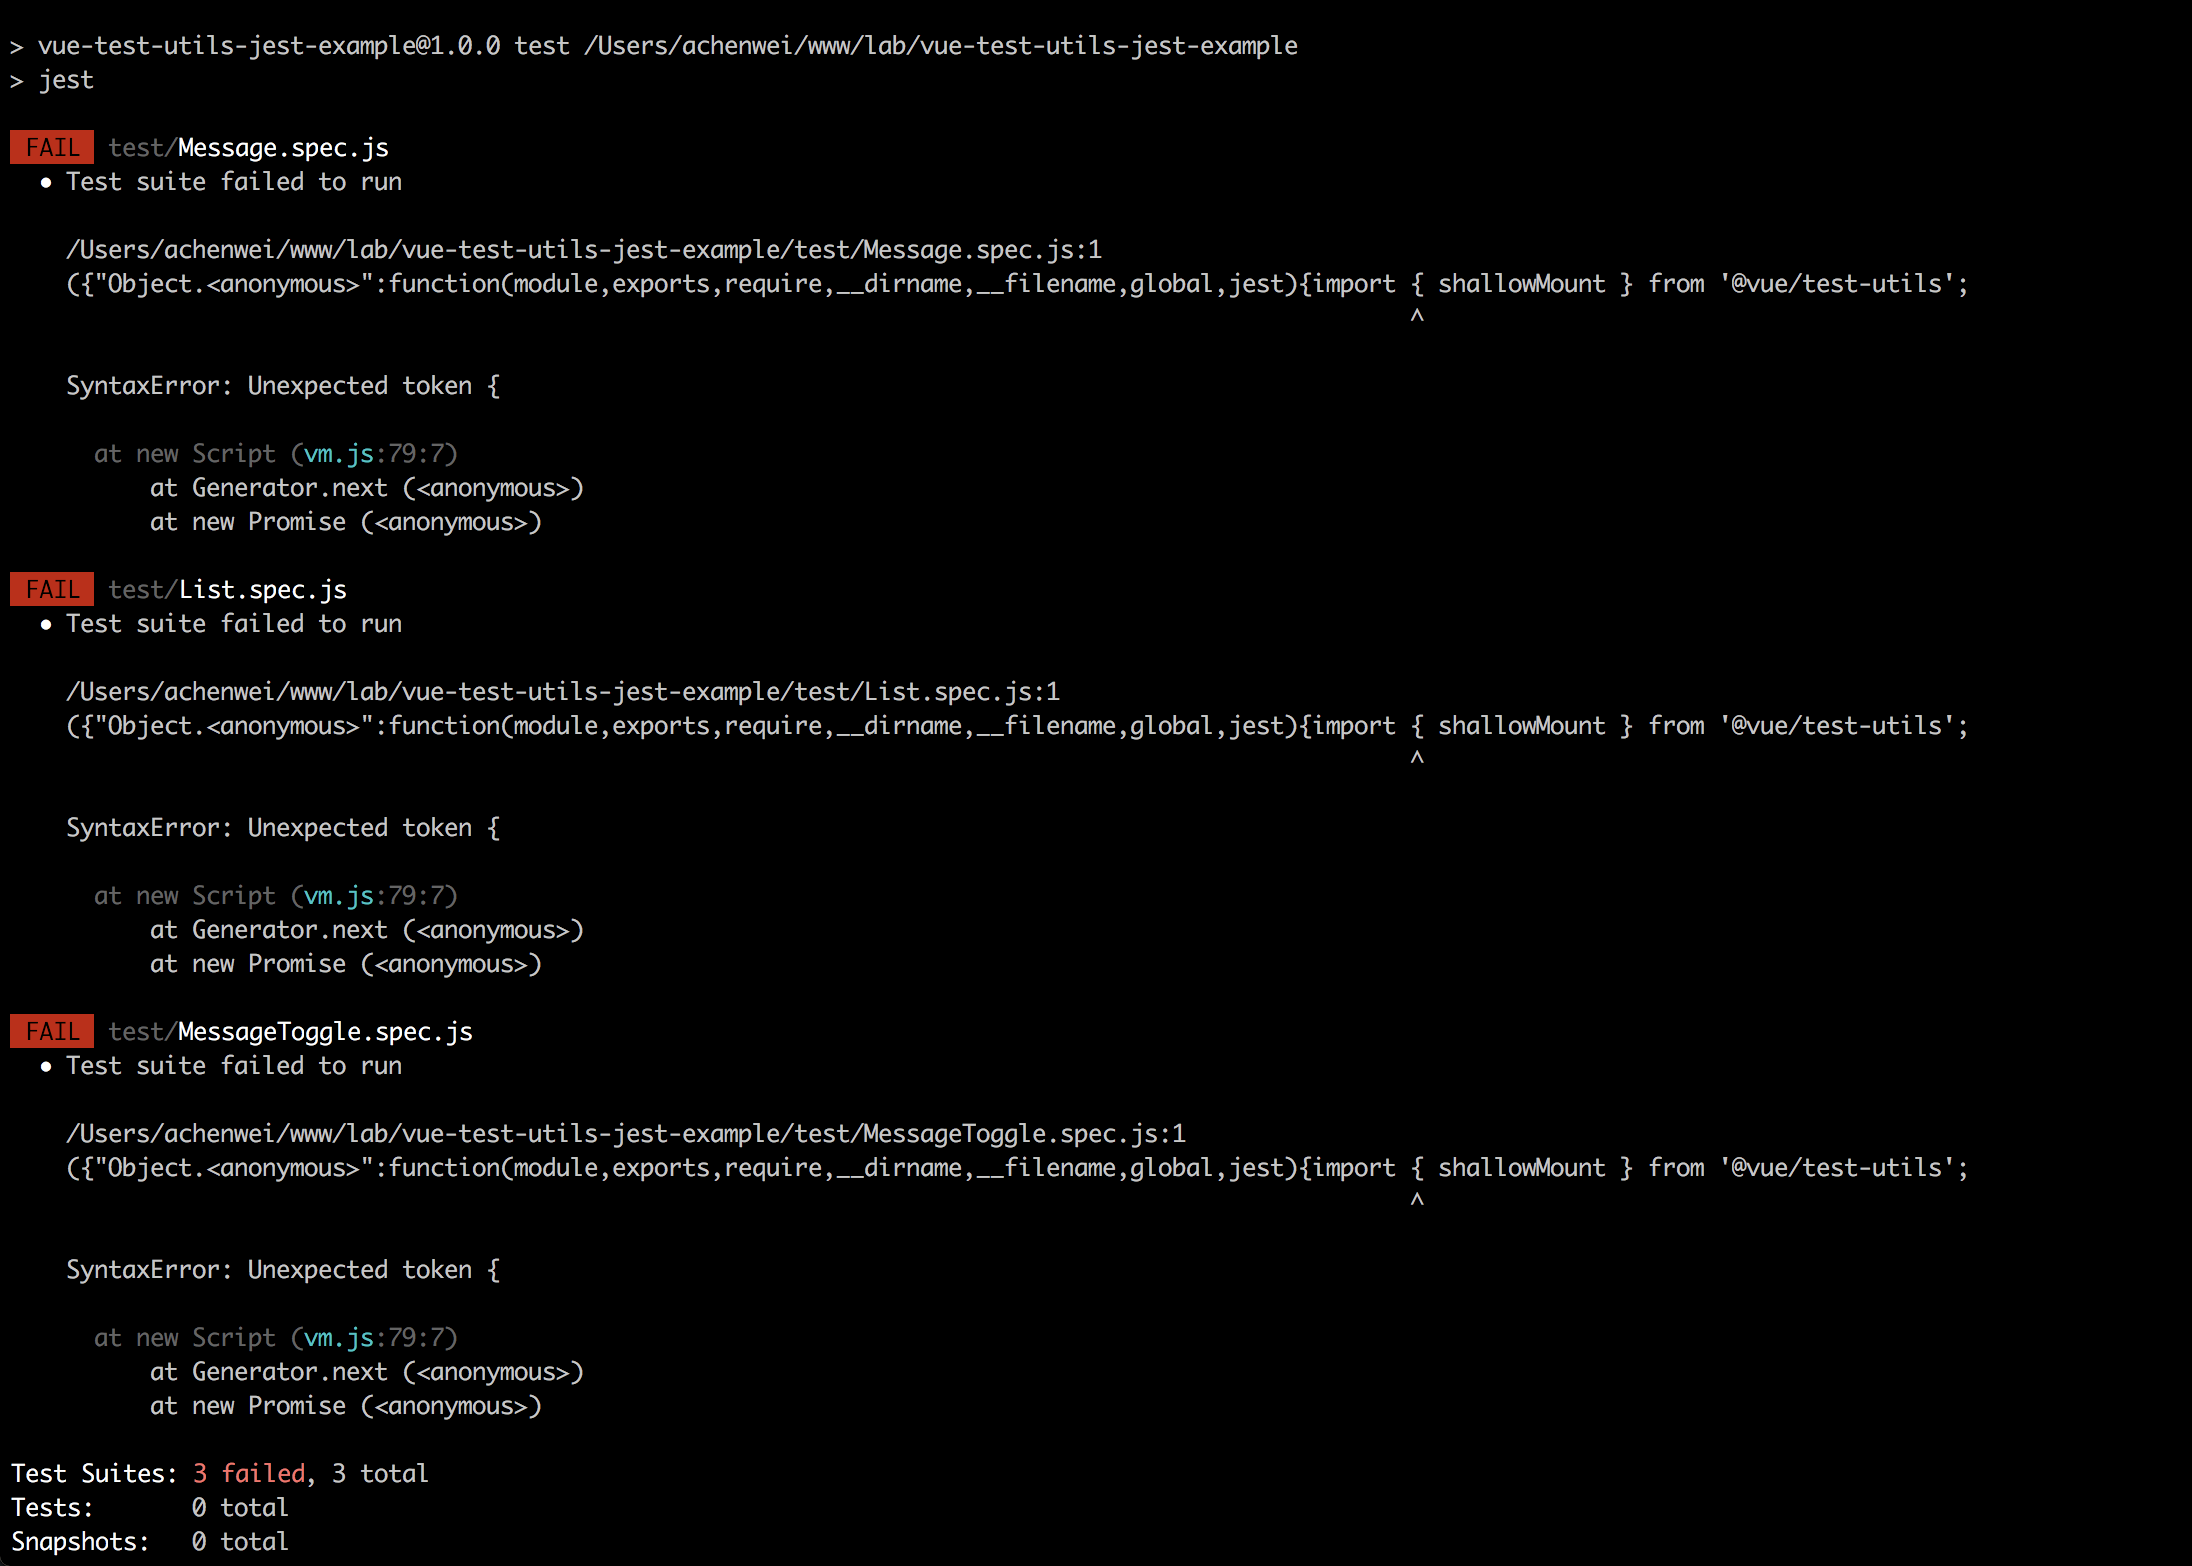 the whole example broken SyntaxError: Unexpected token